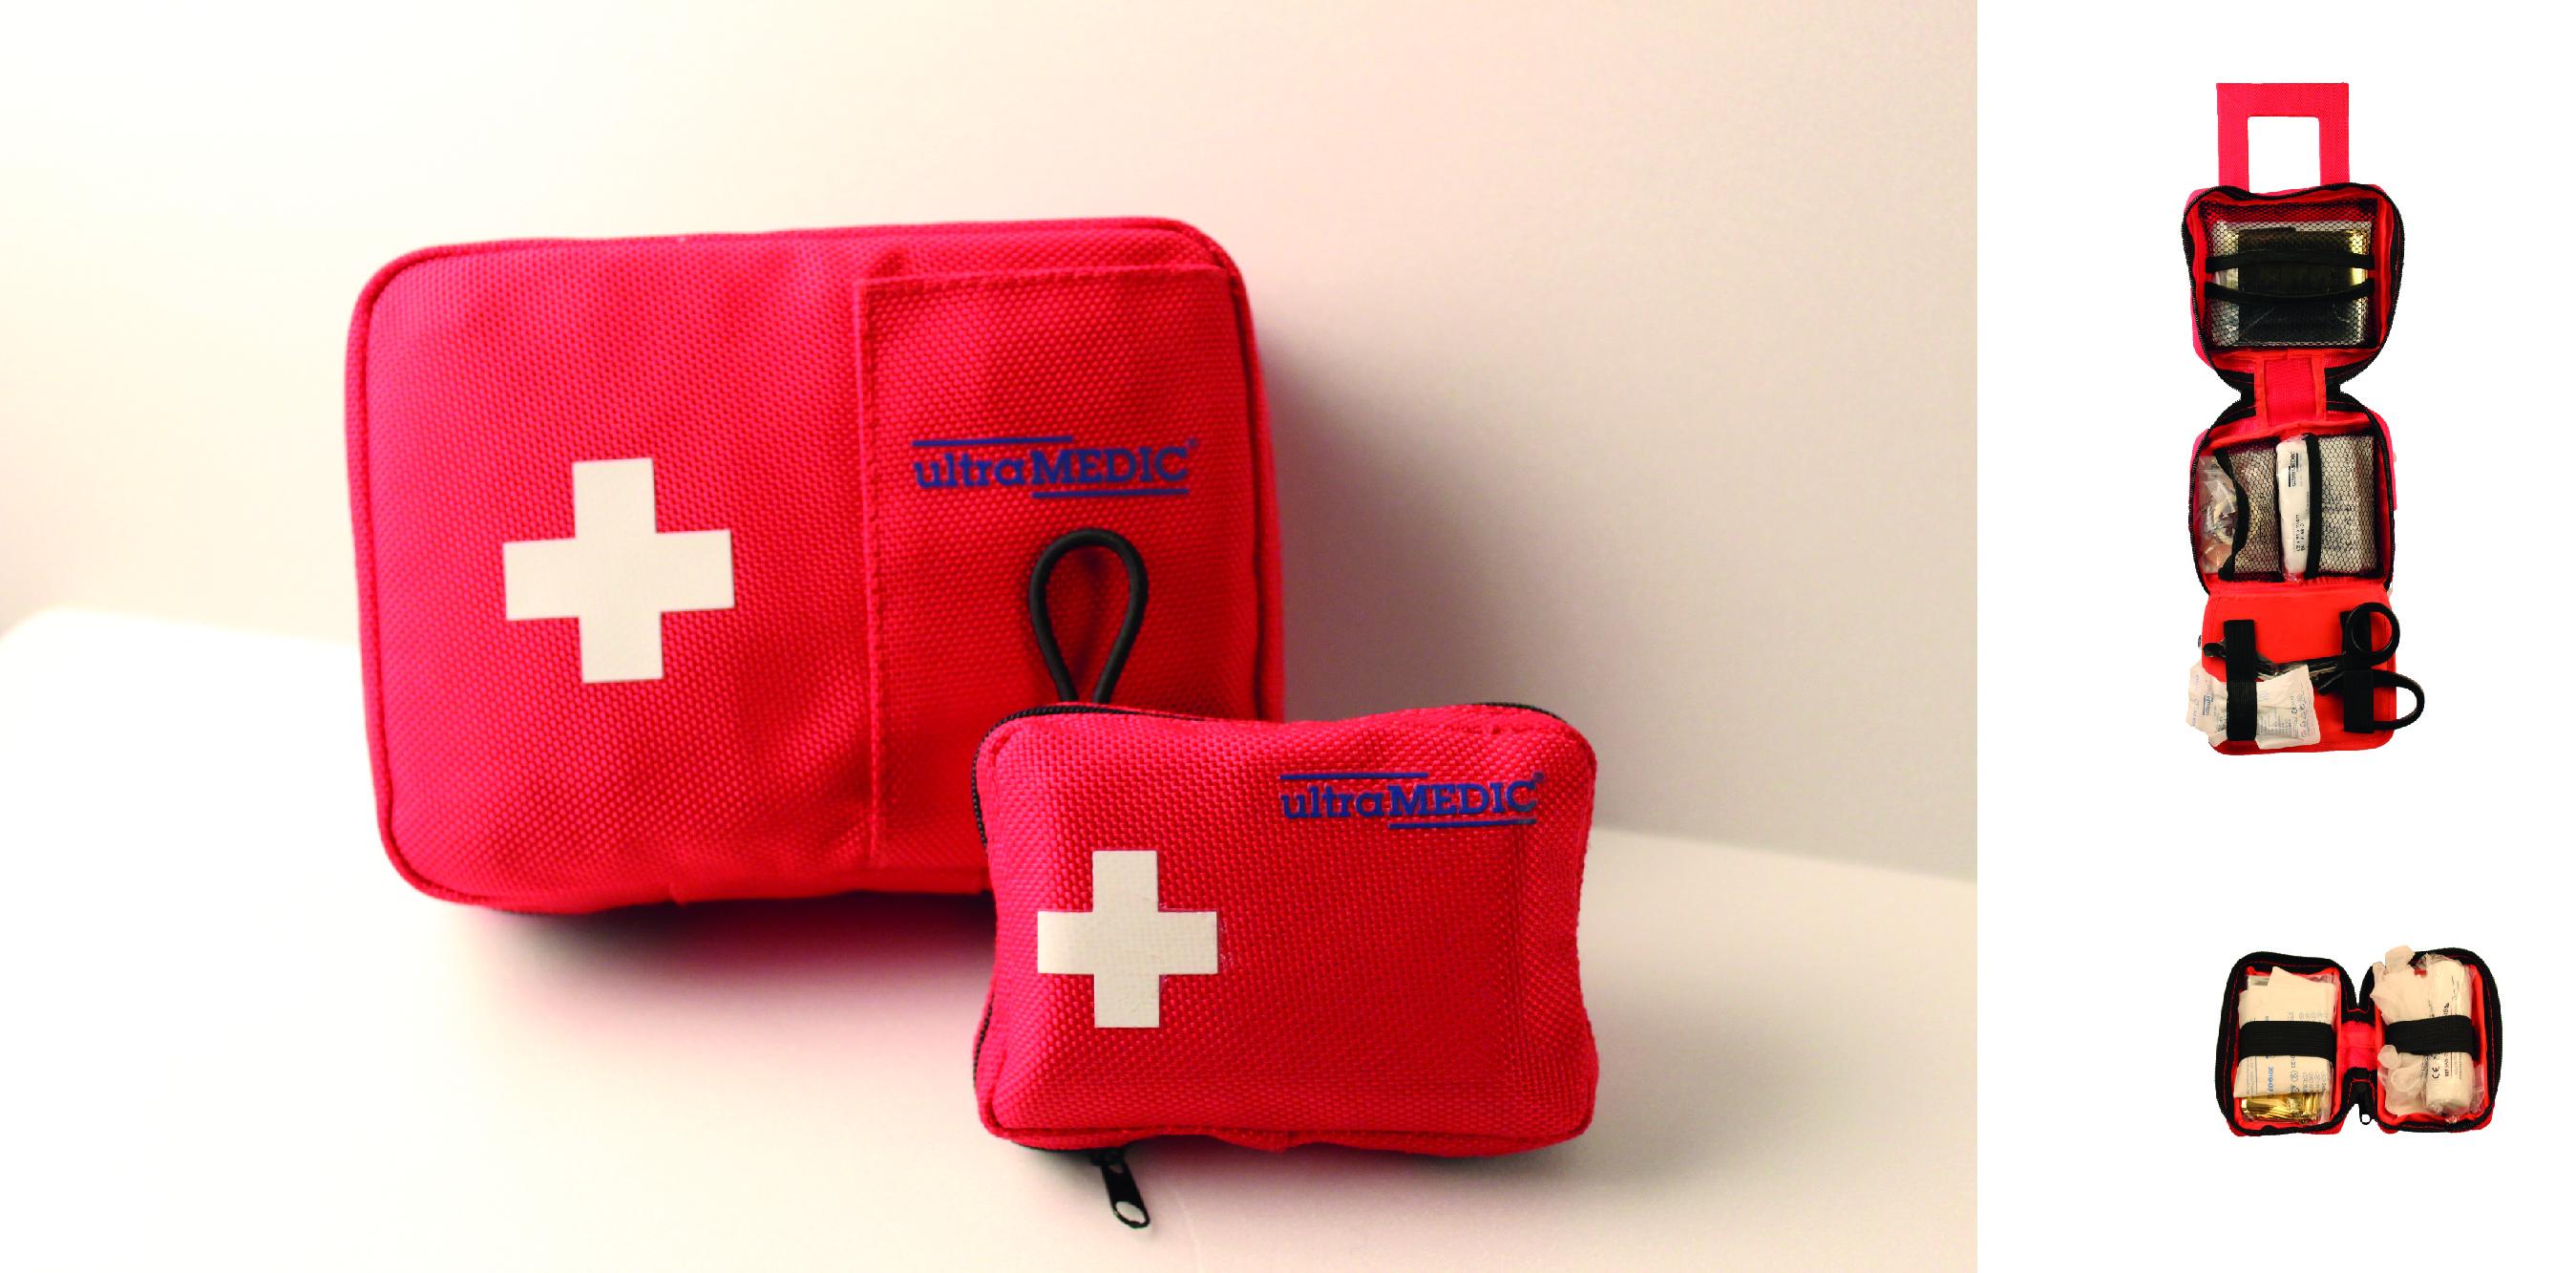 NEU: Erste-Hilfe-Taschen für unterwegs